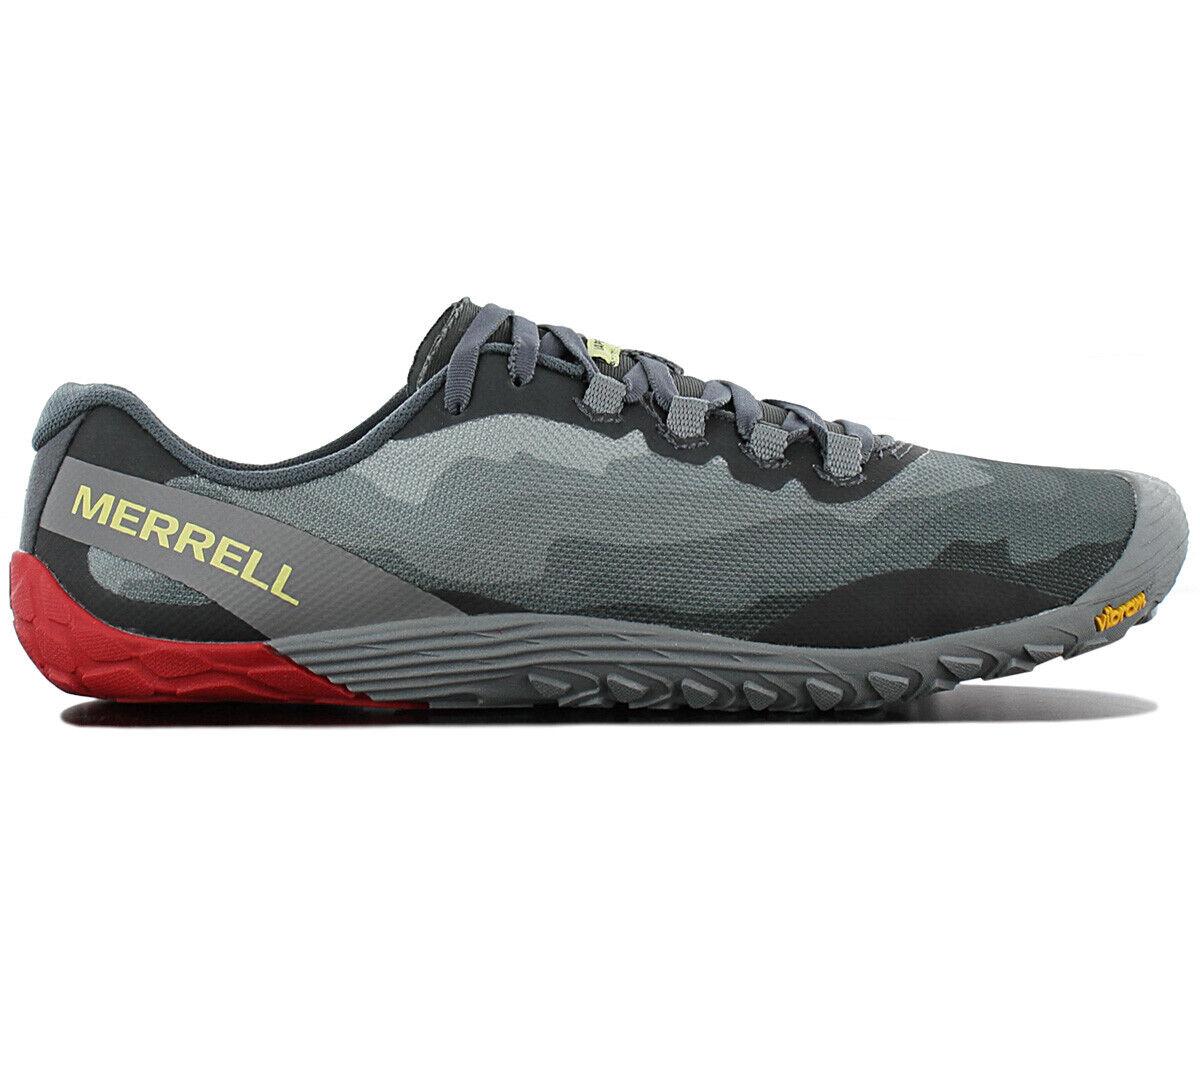 Guantes merrell vapor 4 zapatos masculinos descalzos j50403 zapatos grises